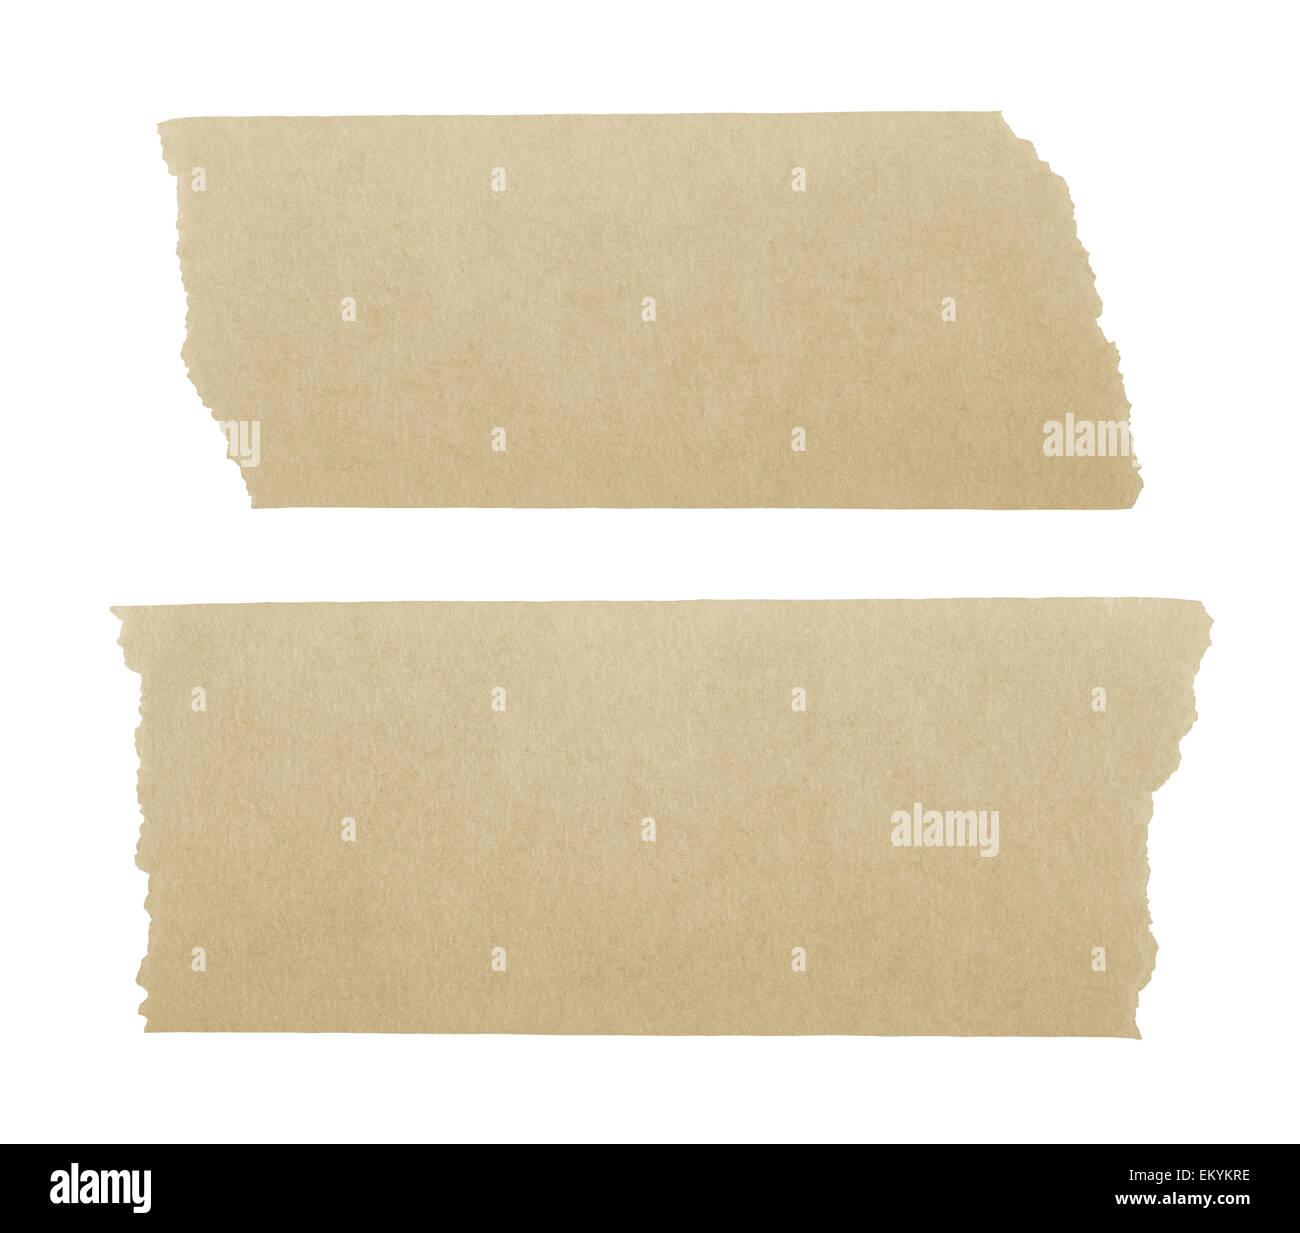 masking tape isoletd on white background - Stock Image